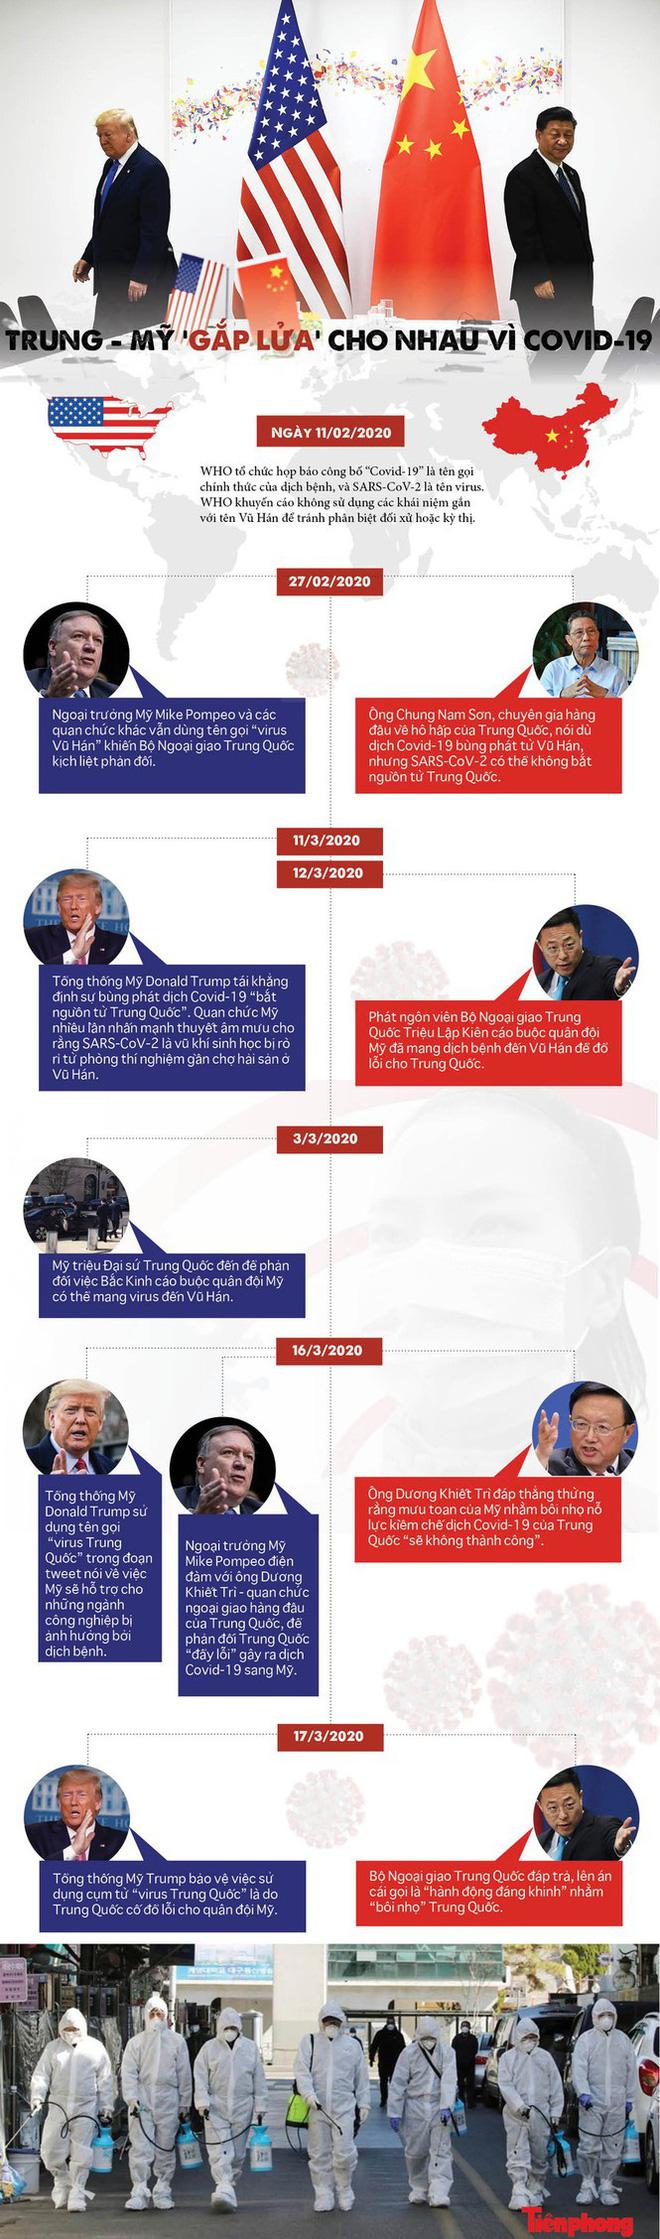 Ông Trump đổi giọng, thôi gọi tên virus Trung Quốc - Ảnh 3.